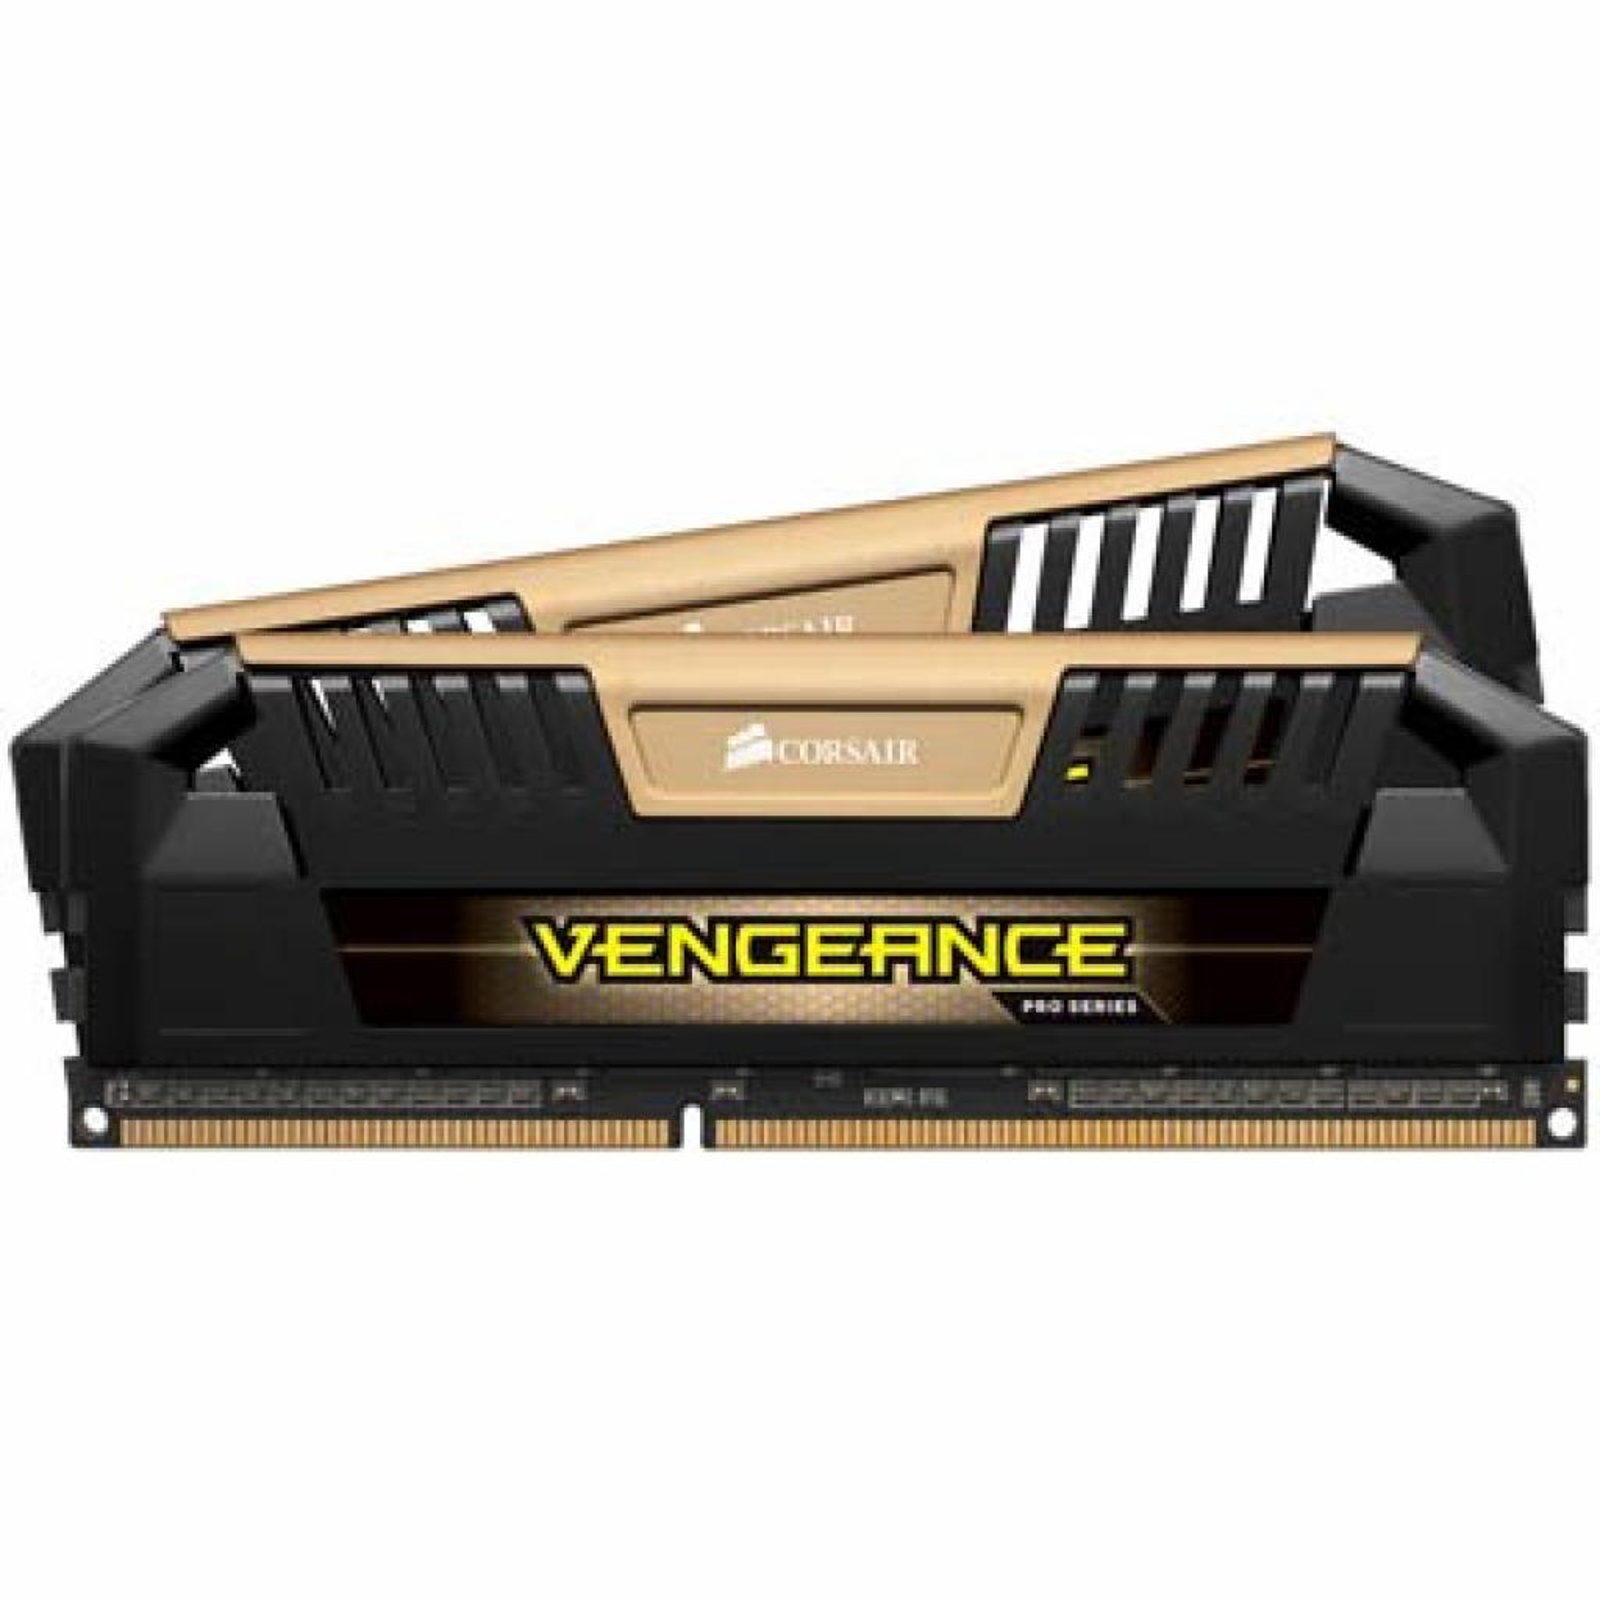 Модуль памяти для компьютера DDR3 16GB (2x8GB) 2400 MHz CORSAIR (CMY16GX3M2A2400C10A)